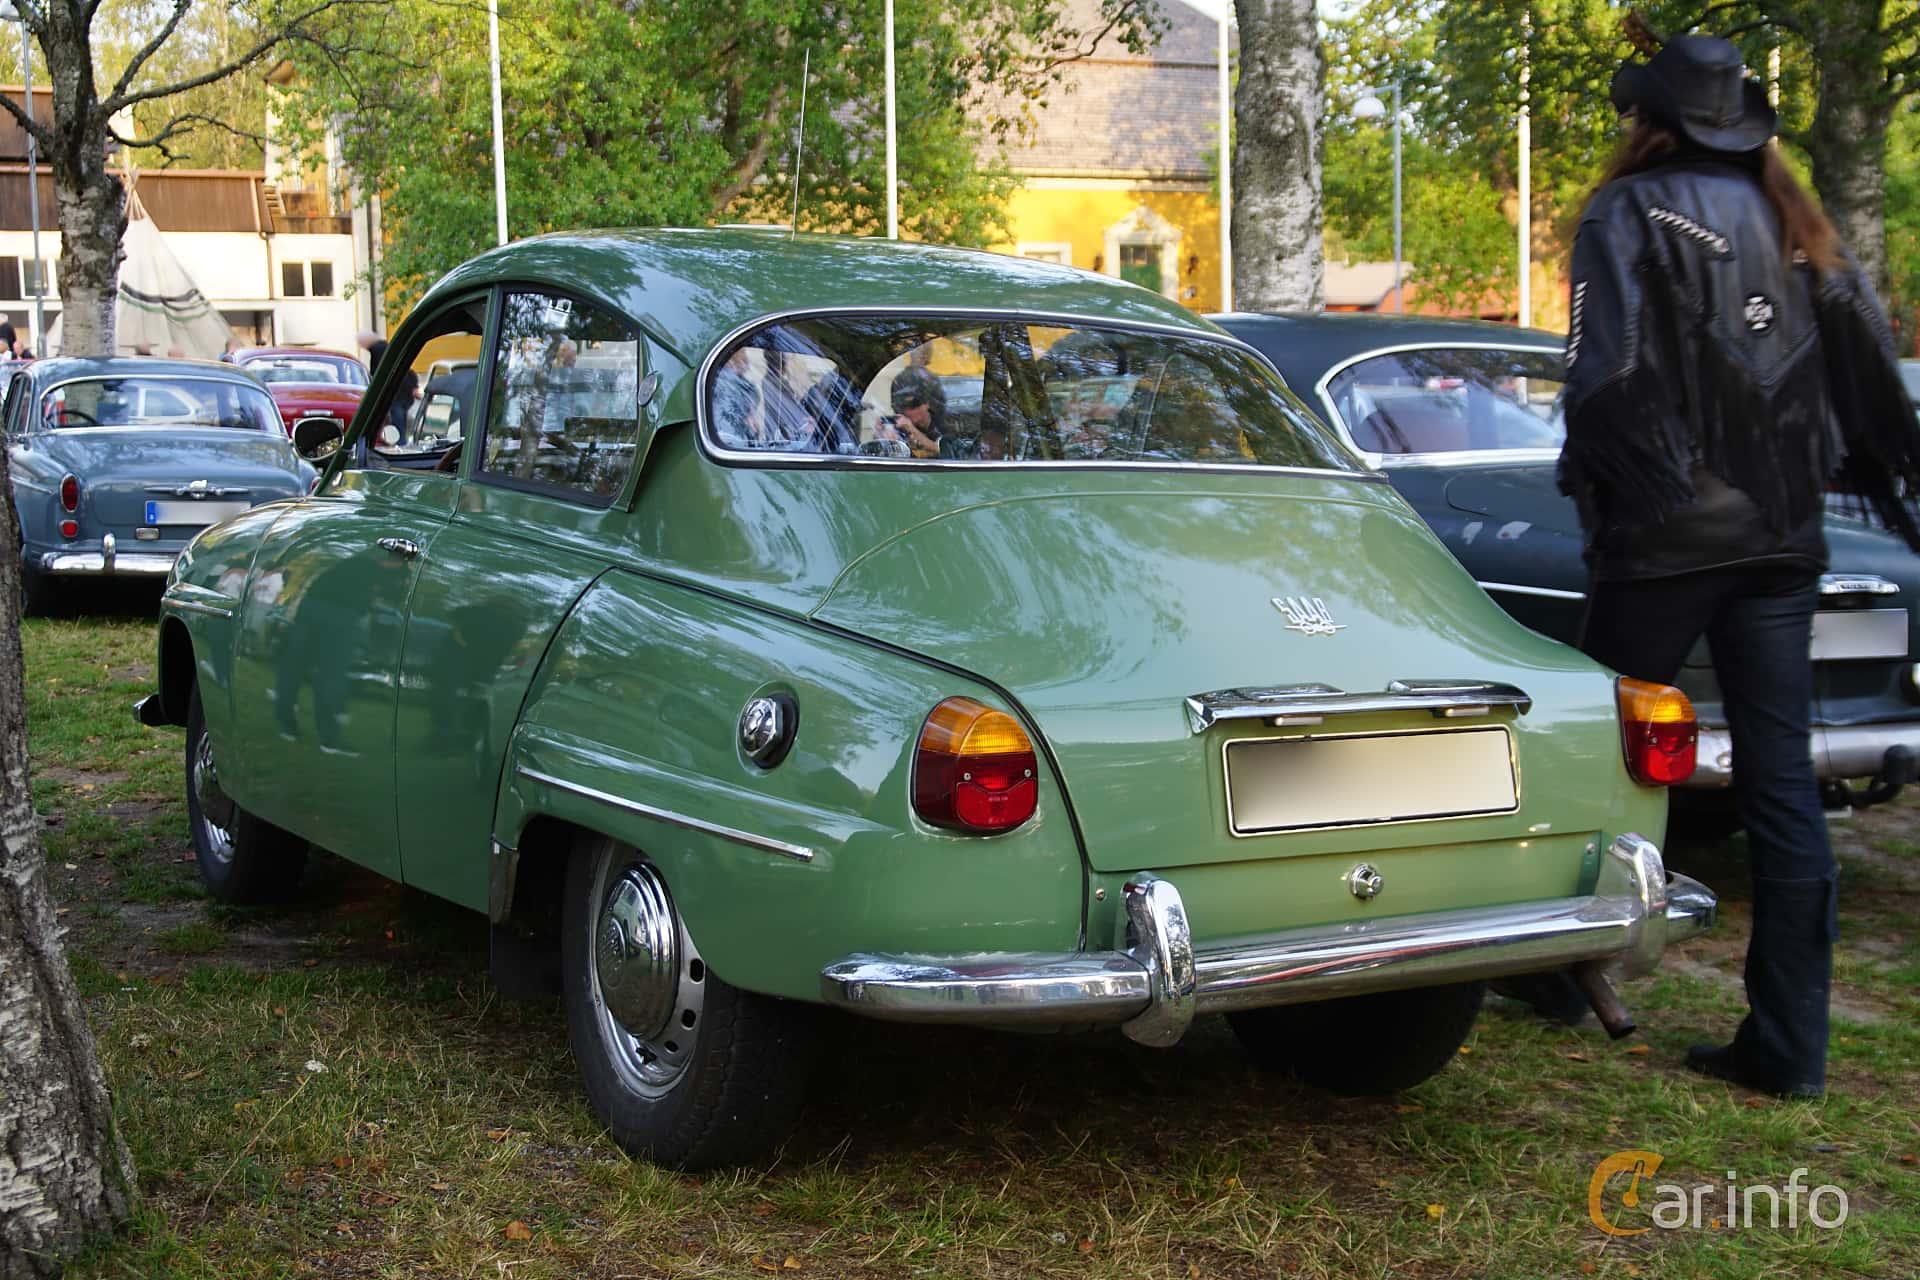 Saab 96 0.8 Manual, 40hp, 1965 at Onsdagsträffar på Gammlia Umeå 2019 vecka 35